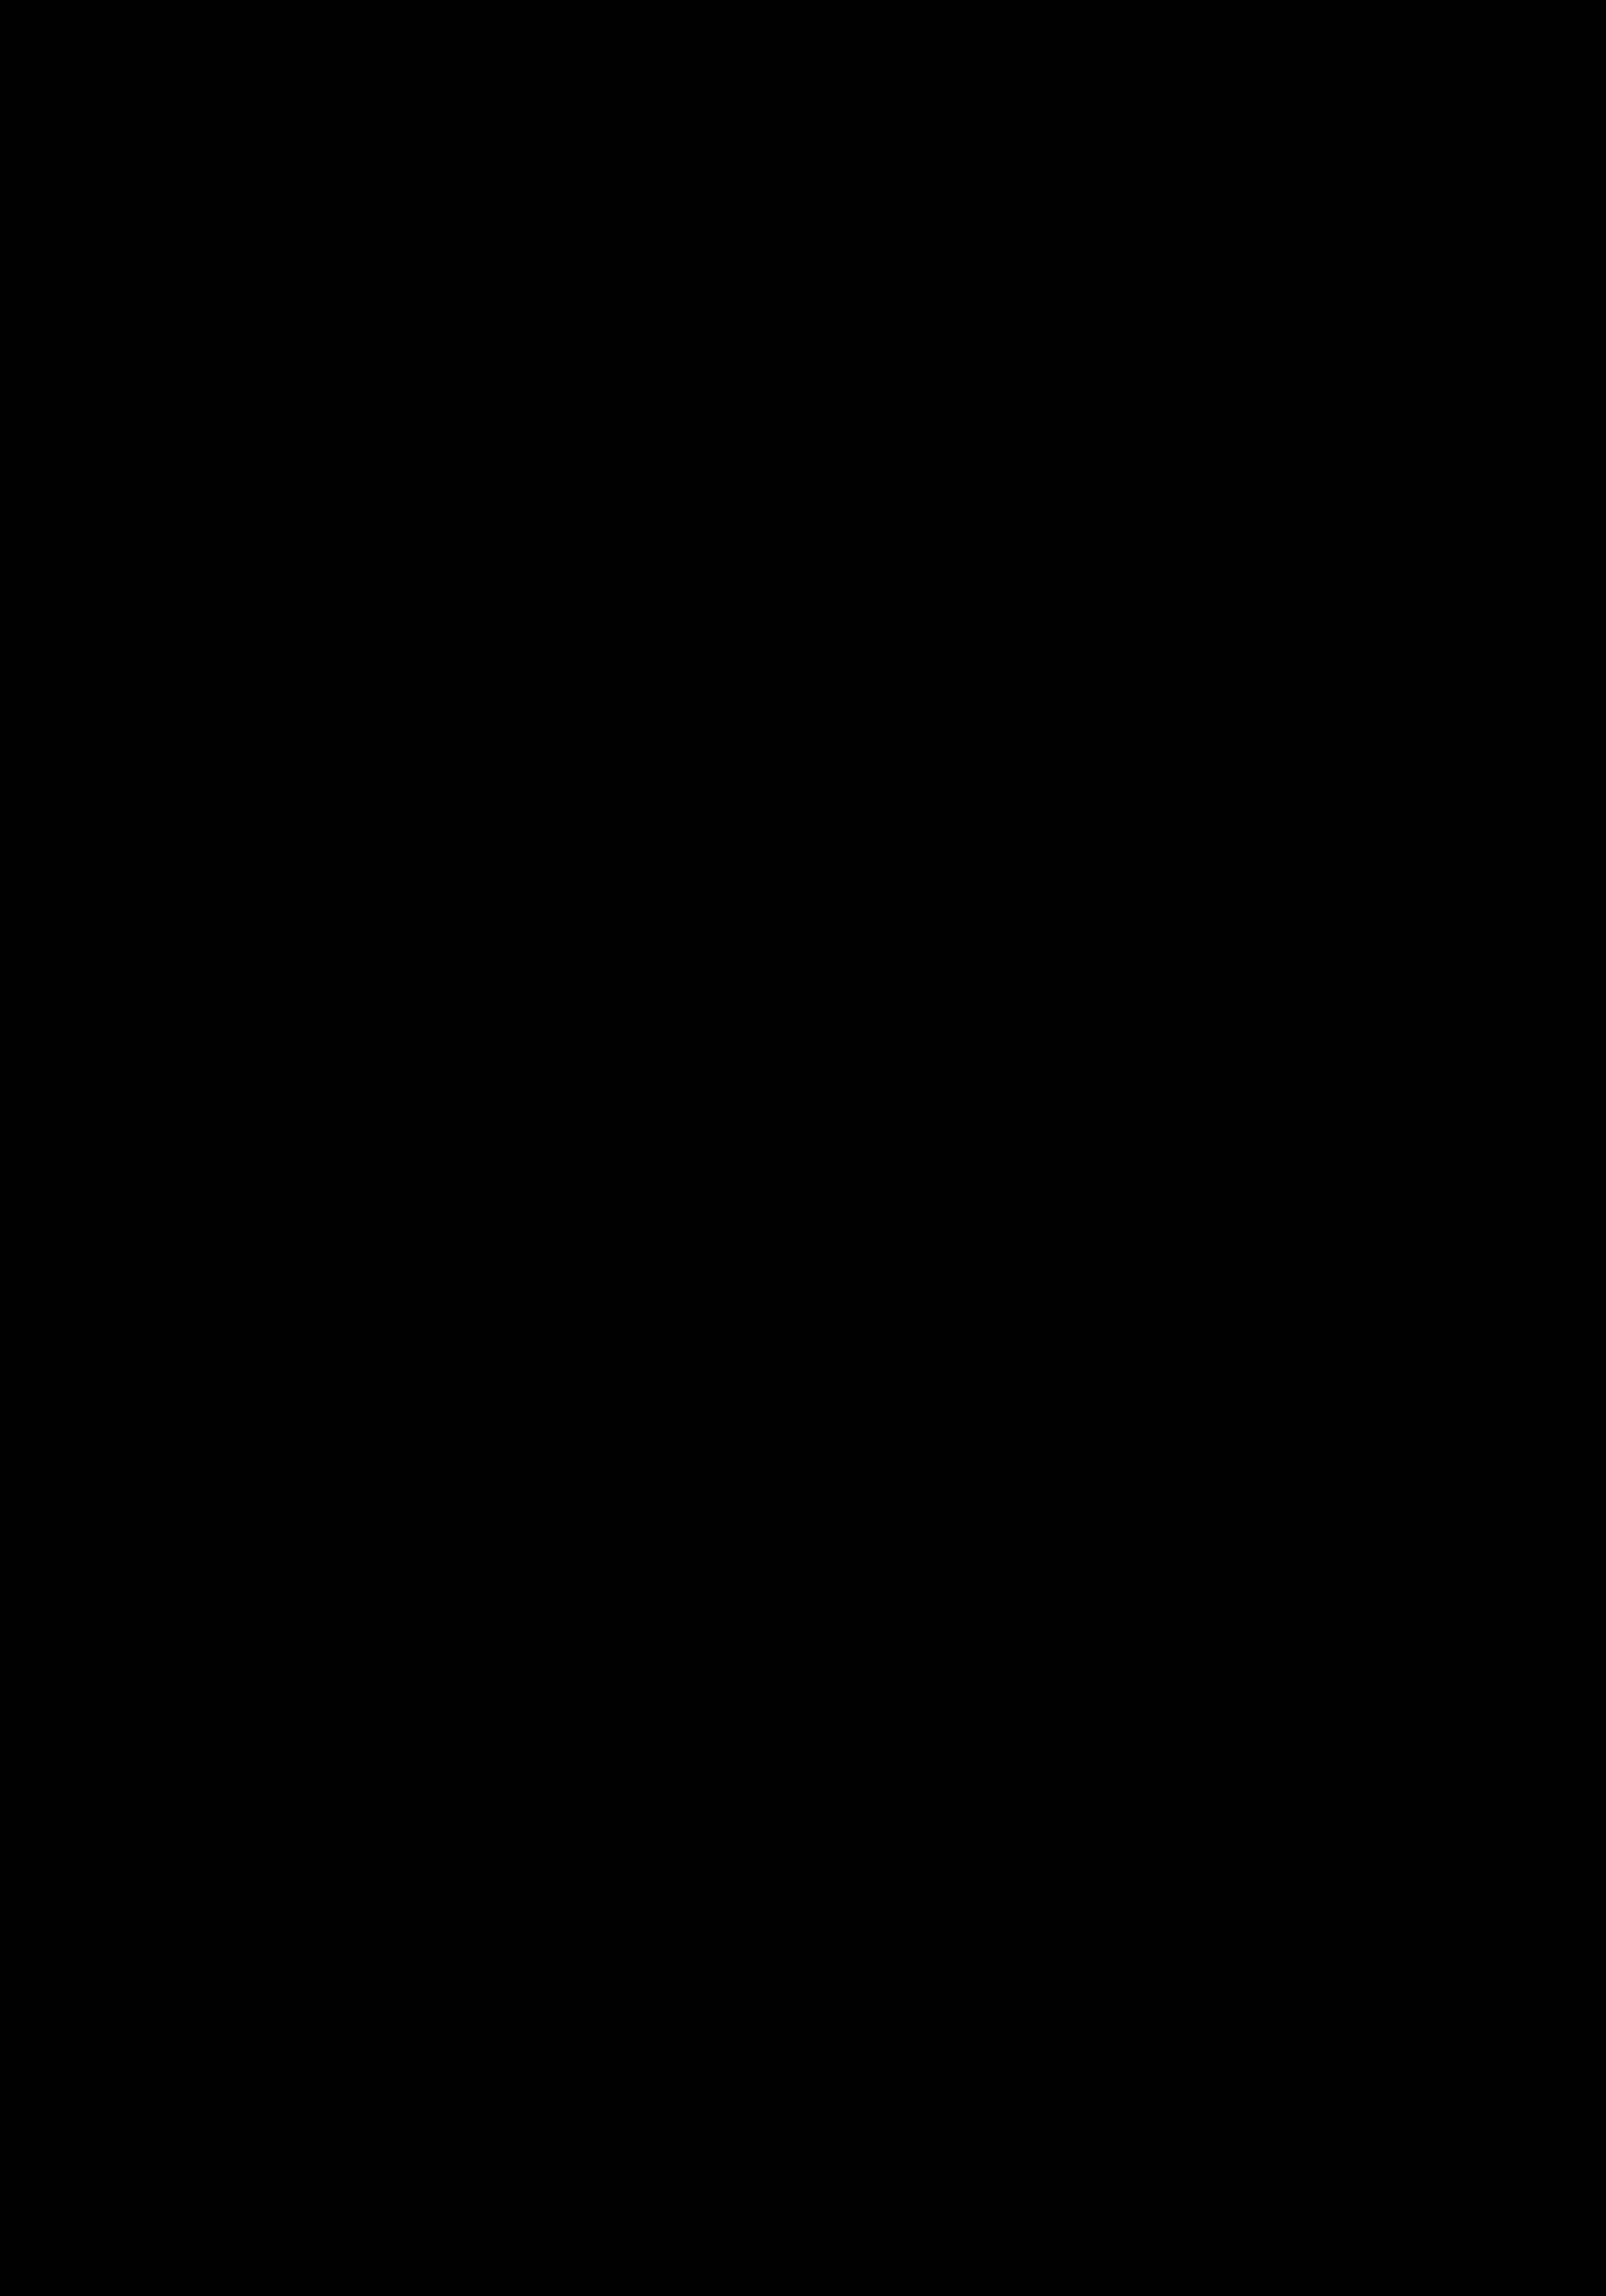 教育部中國語文通識深耕計畫107學年度教學成果分享會